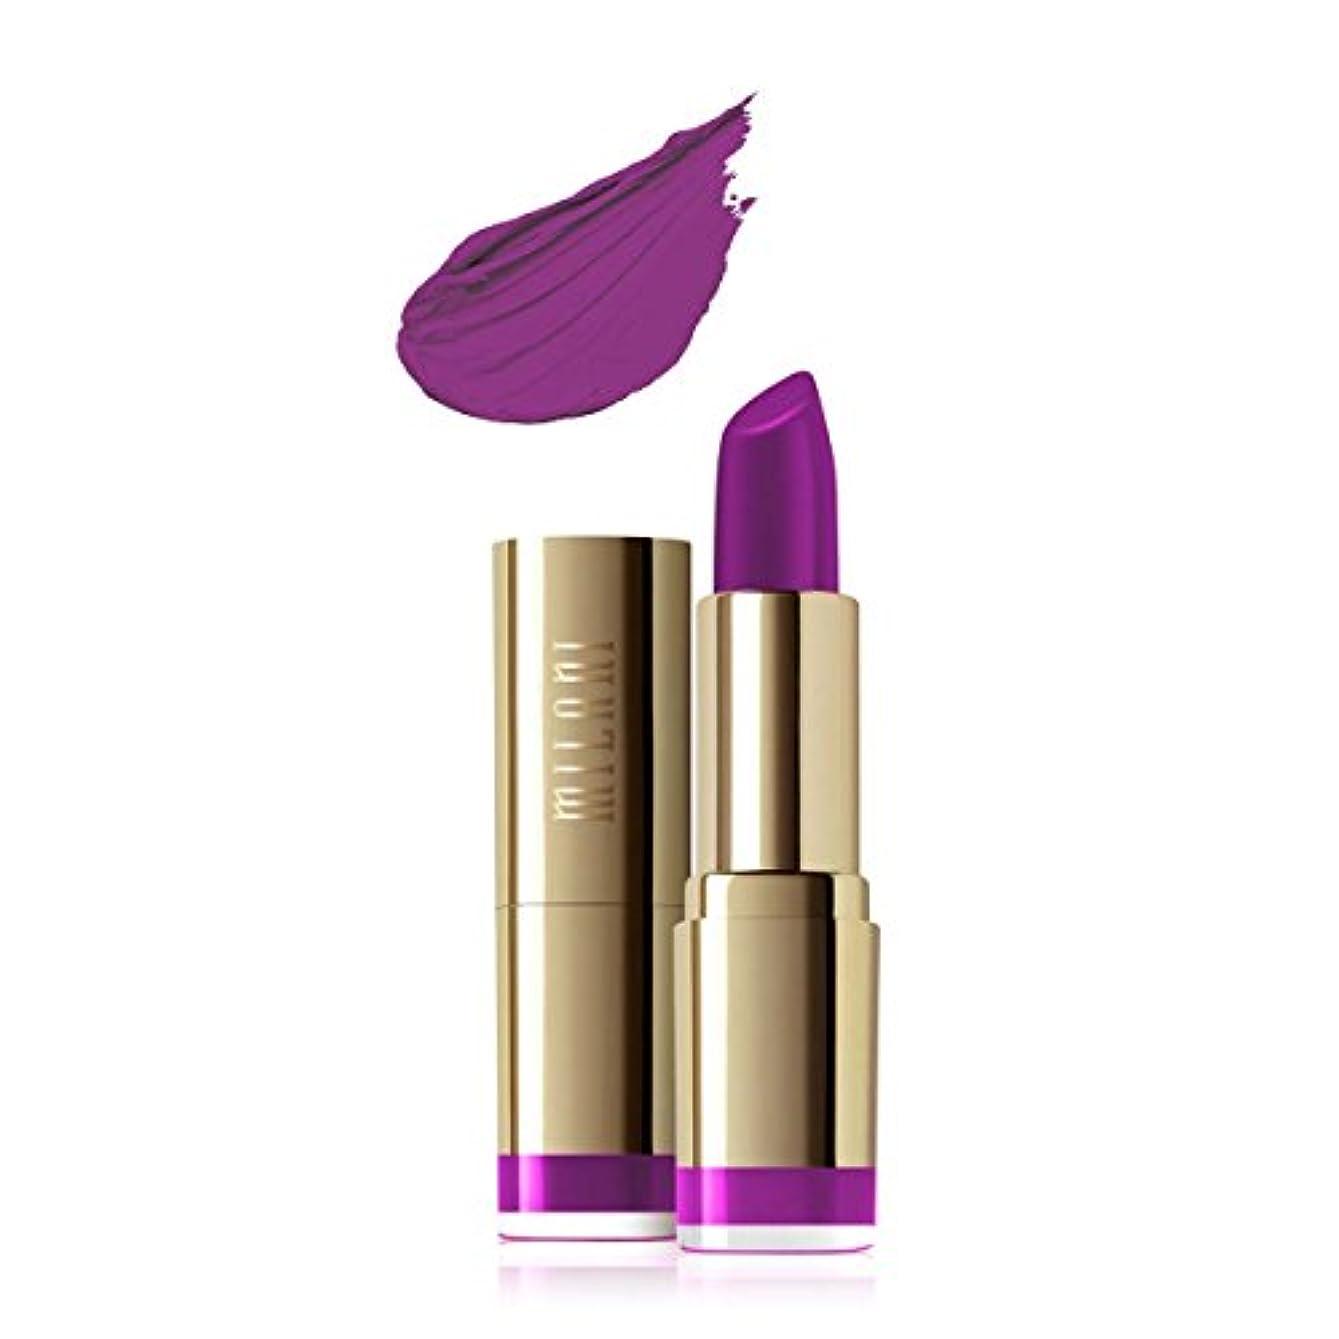 報酬のアンケート外向きMILANI Color Statement Moisture Matte Lipstick - Matte Glam (Vegan) (並行輸入品)